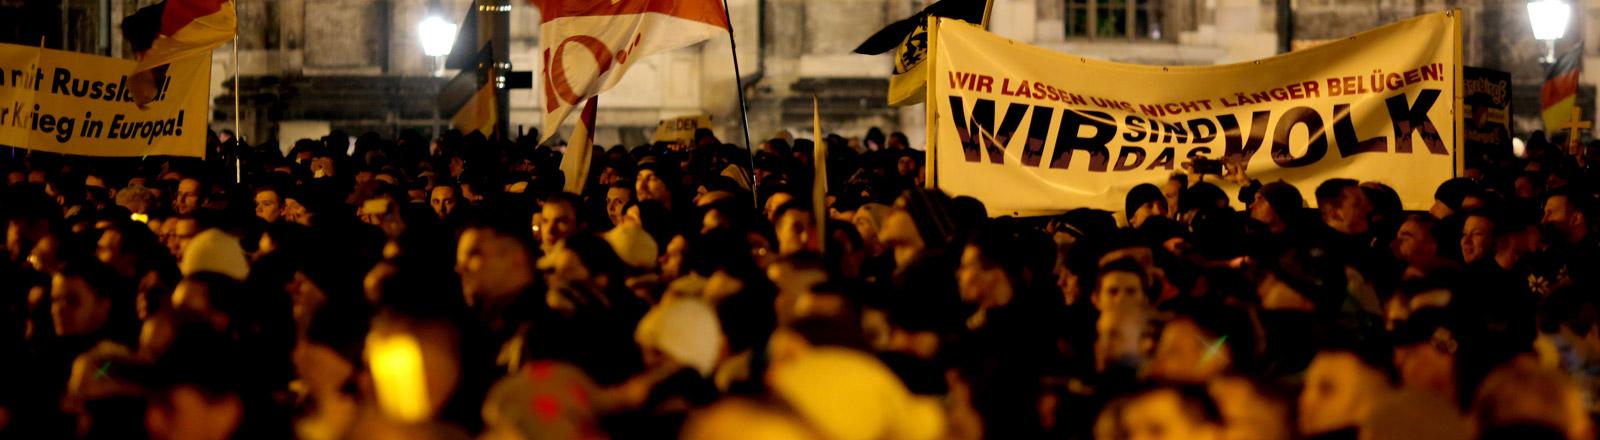 """Demonstration, bei der Teilnehmer ein Schild mit der Aufschrift """"Wir sind das Volk"""" hochhalten"""